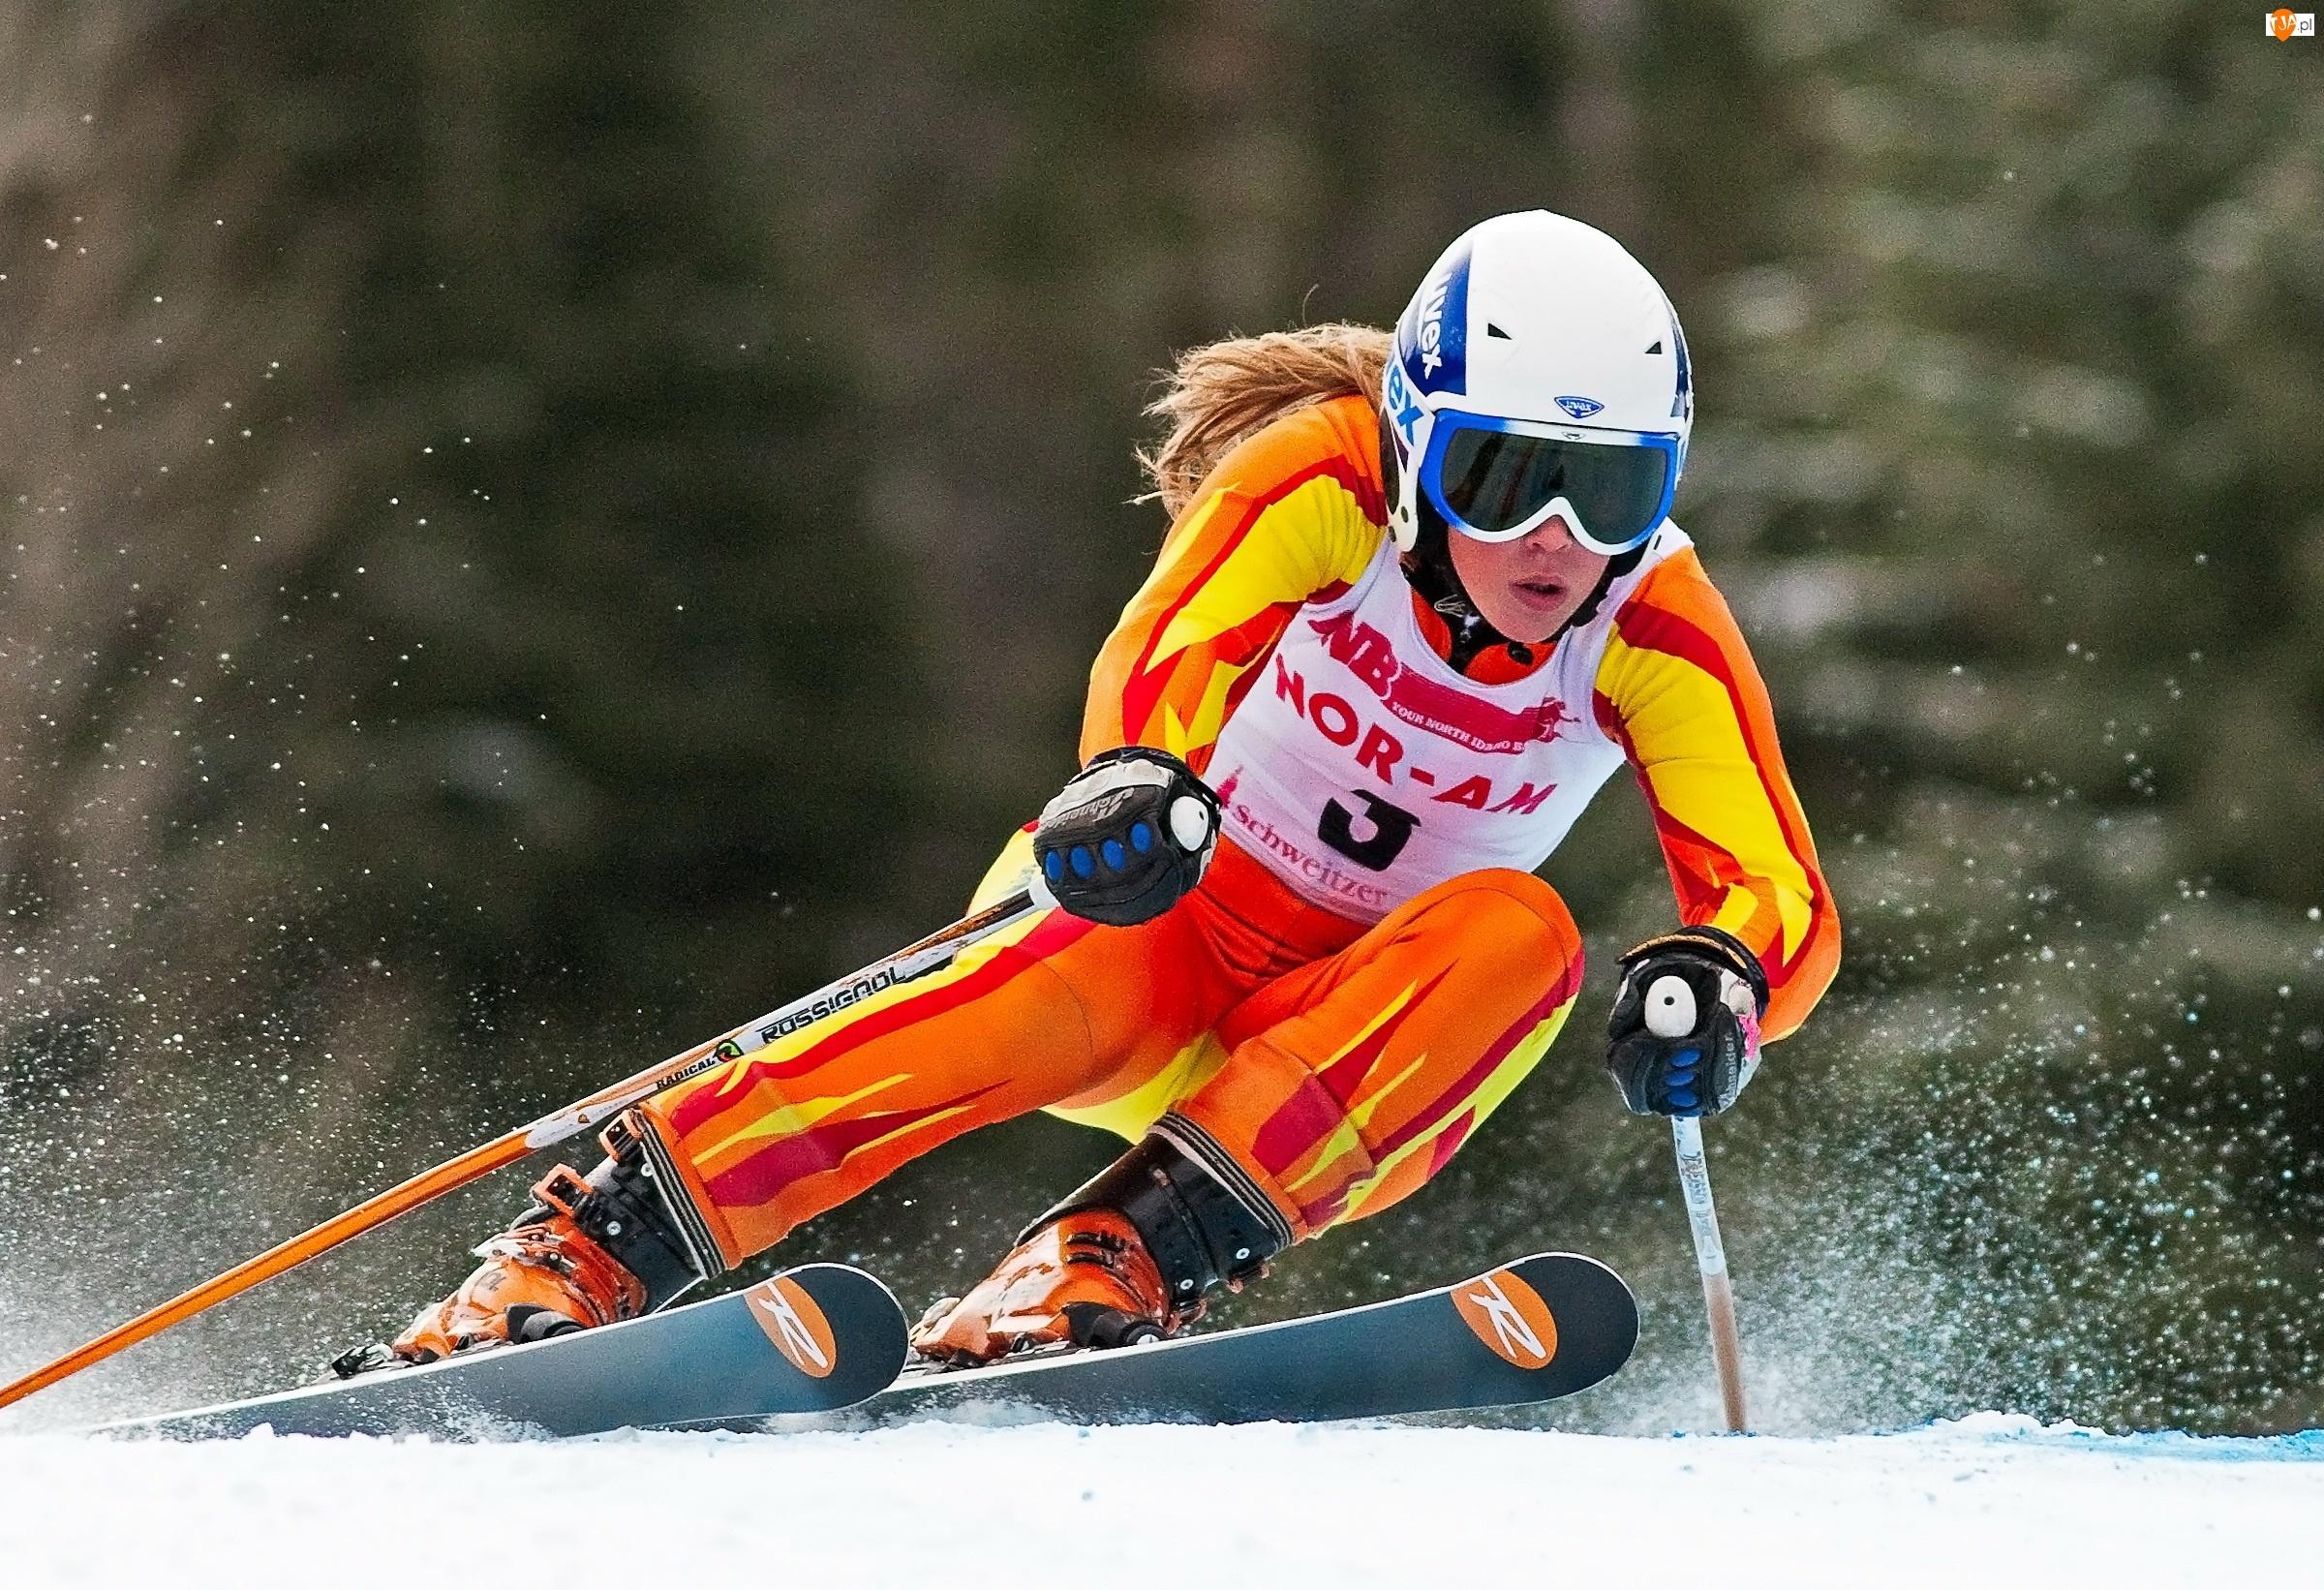 Narciarstwo, Sochi2014, Zawodniczka